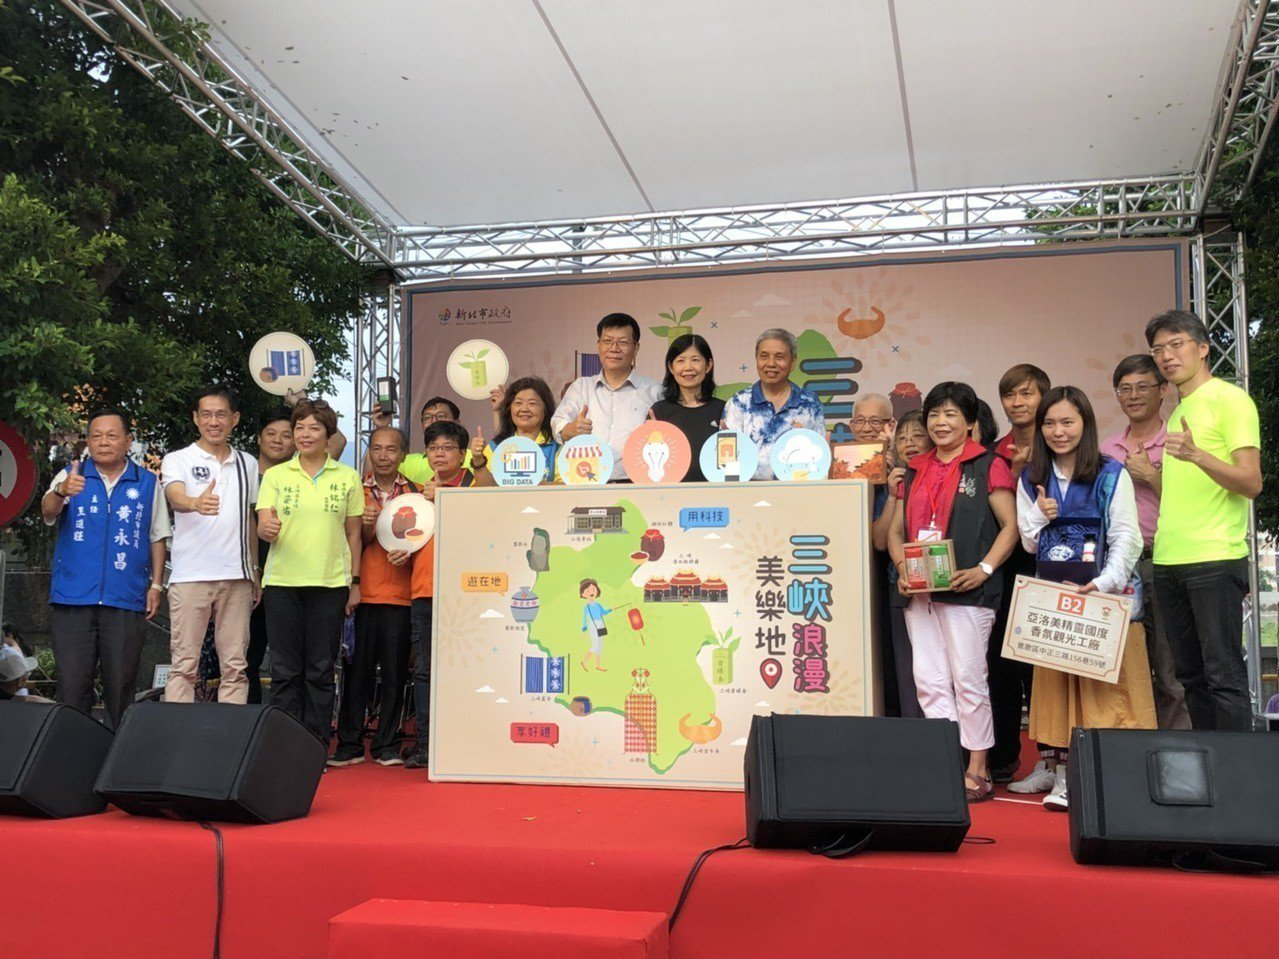 「三峽浪漫美樂地」活動昨天在三峽祖師廟廣場正式登場。 圖/新北市經發局提供